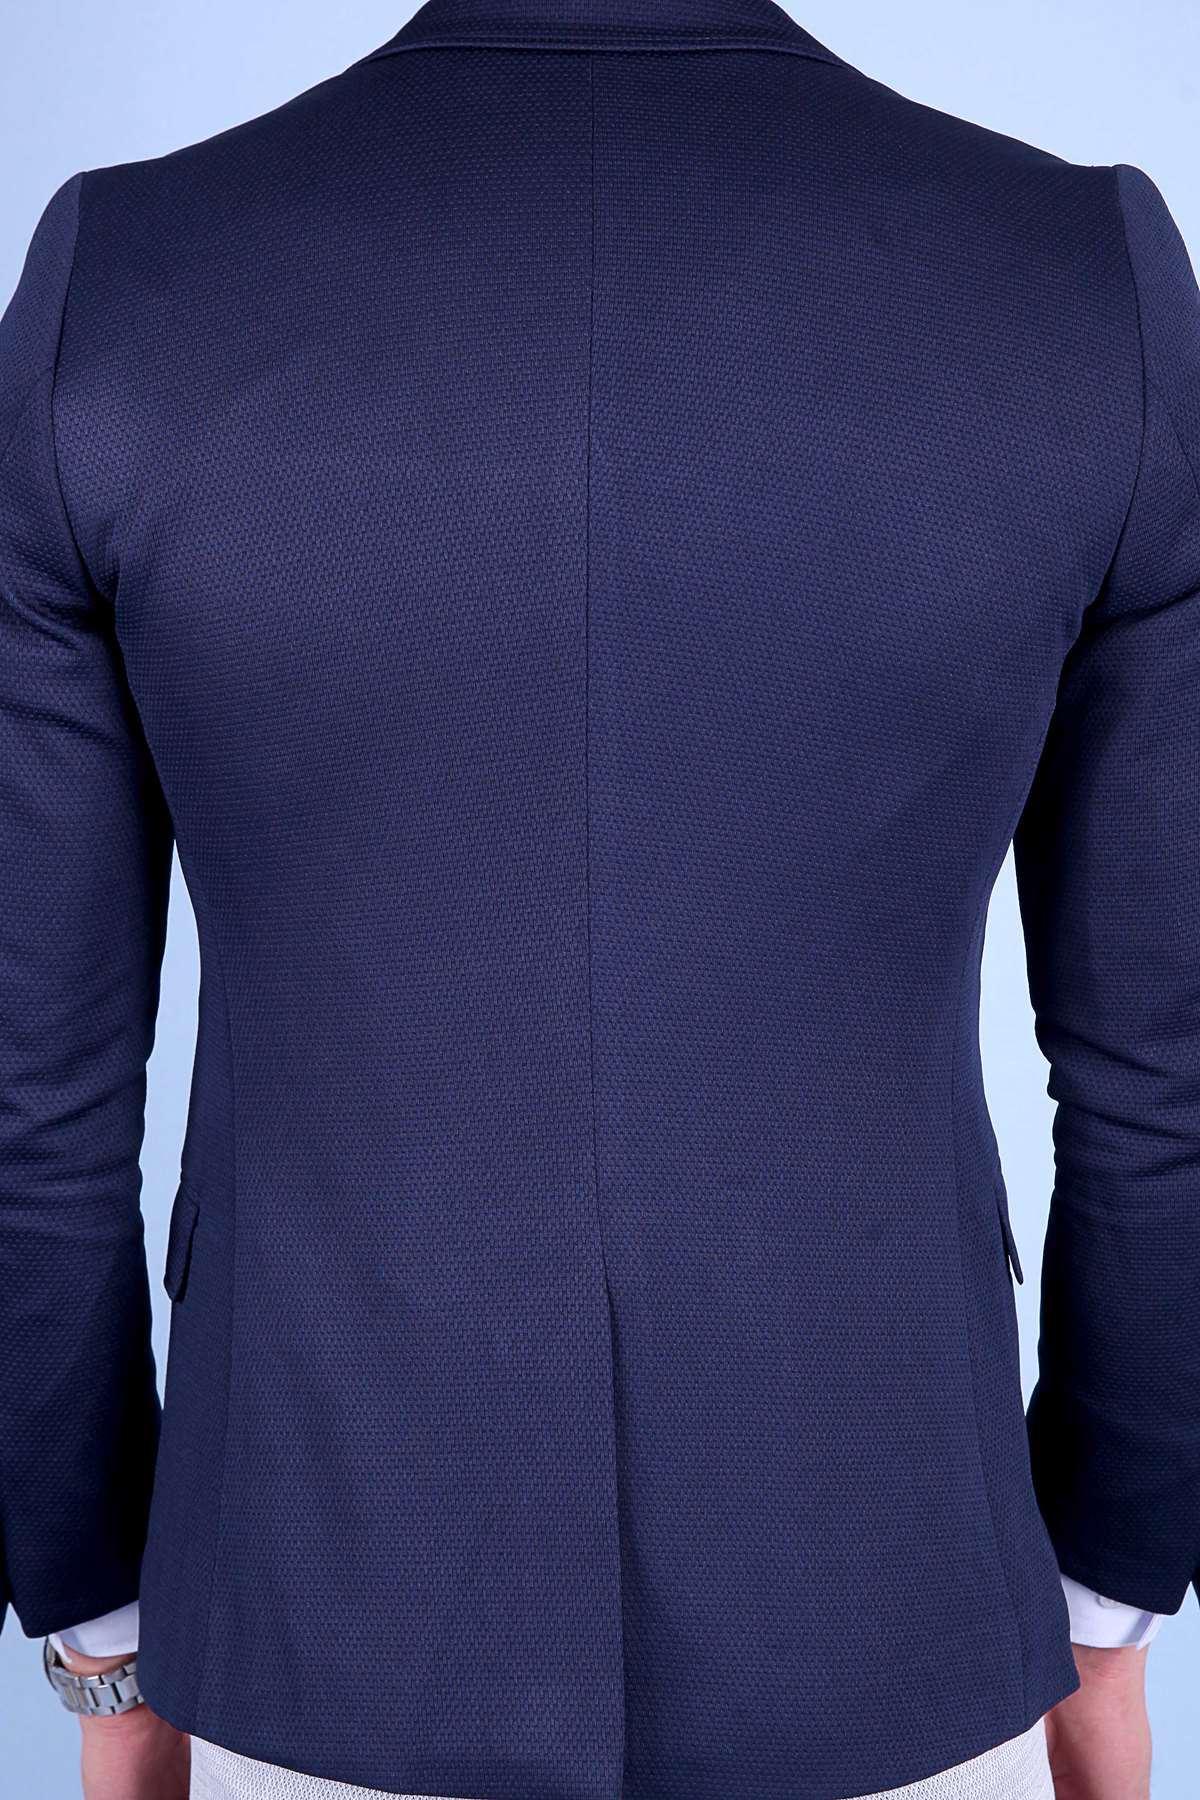 Petek Desenli İçi Astarlı Slim Fit Ceket Koyu Lacivert